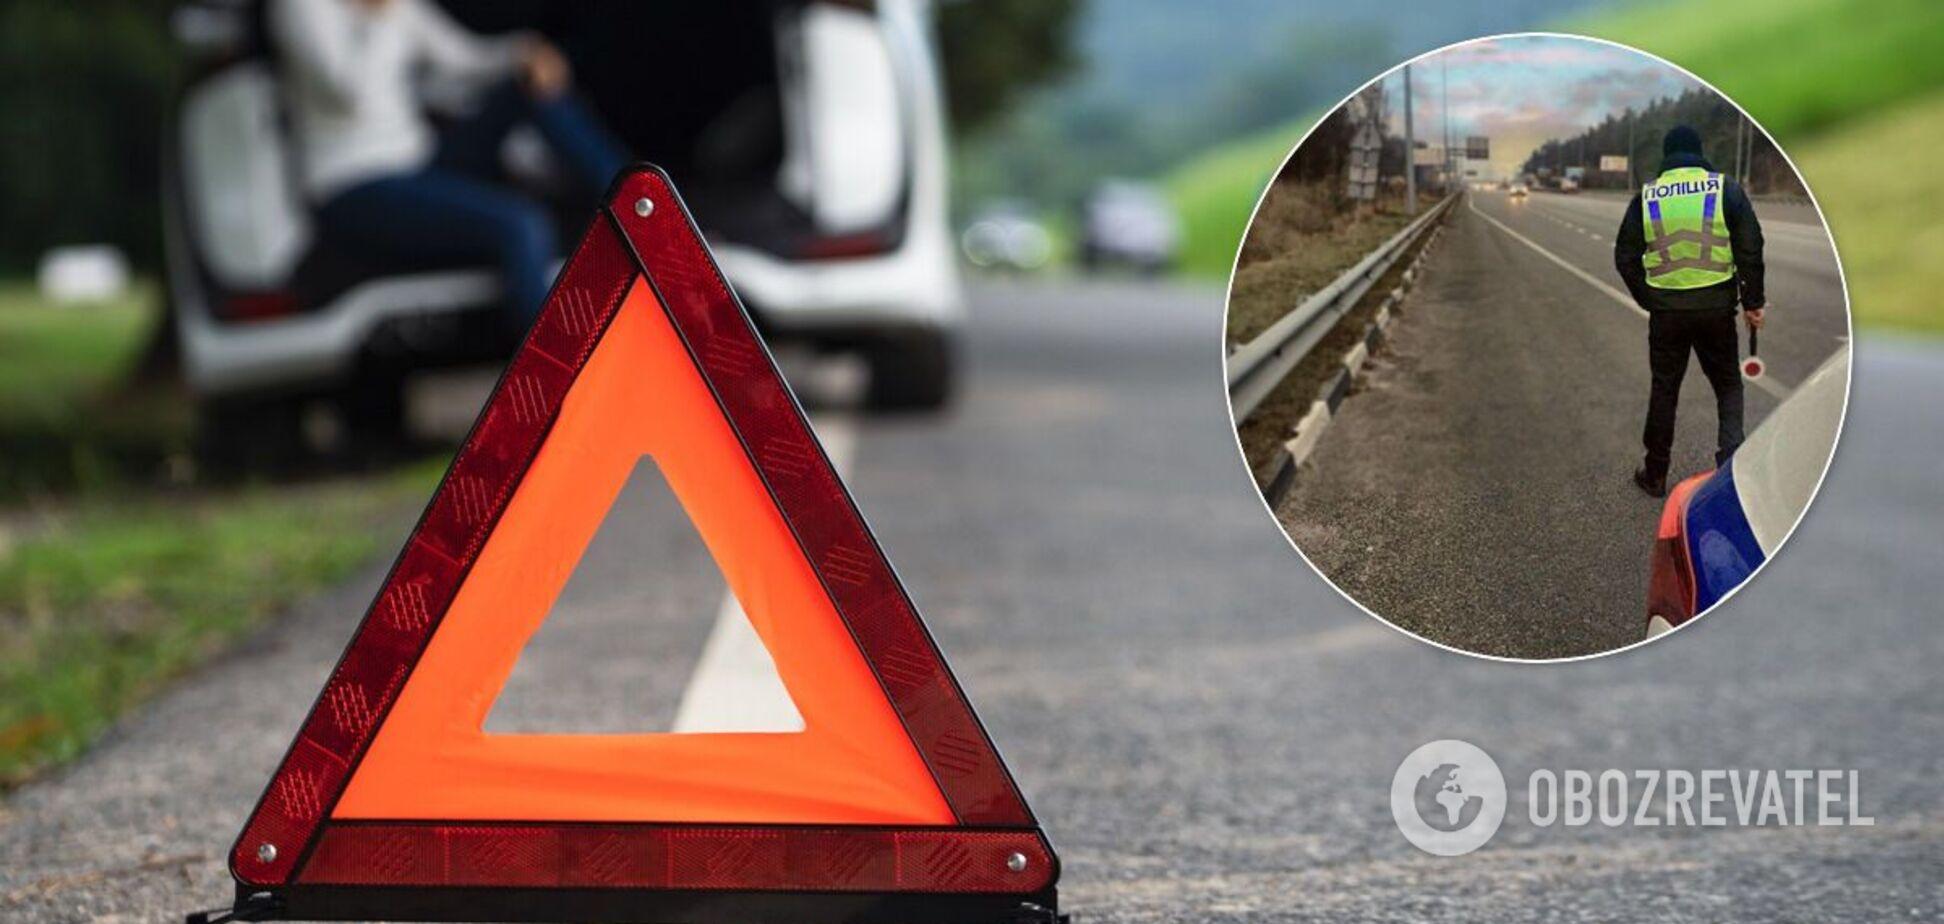 Поліція закликала водіїв бути уважними на дорогах